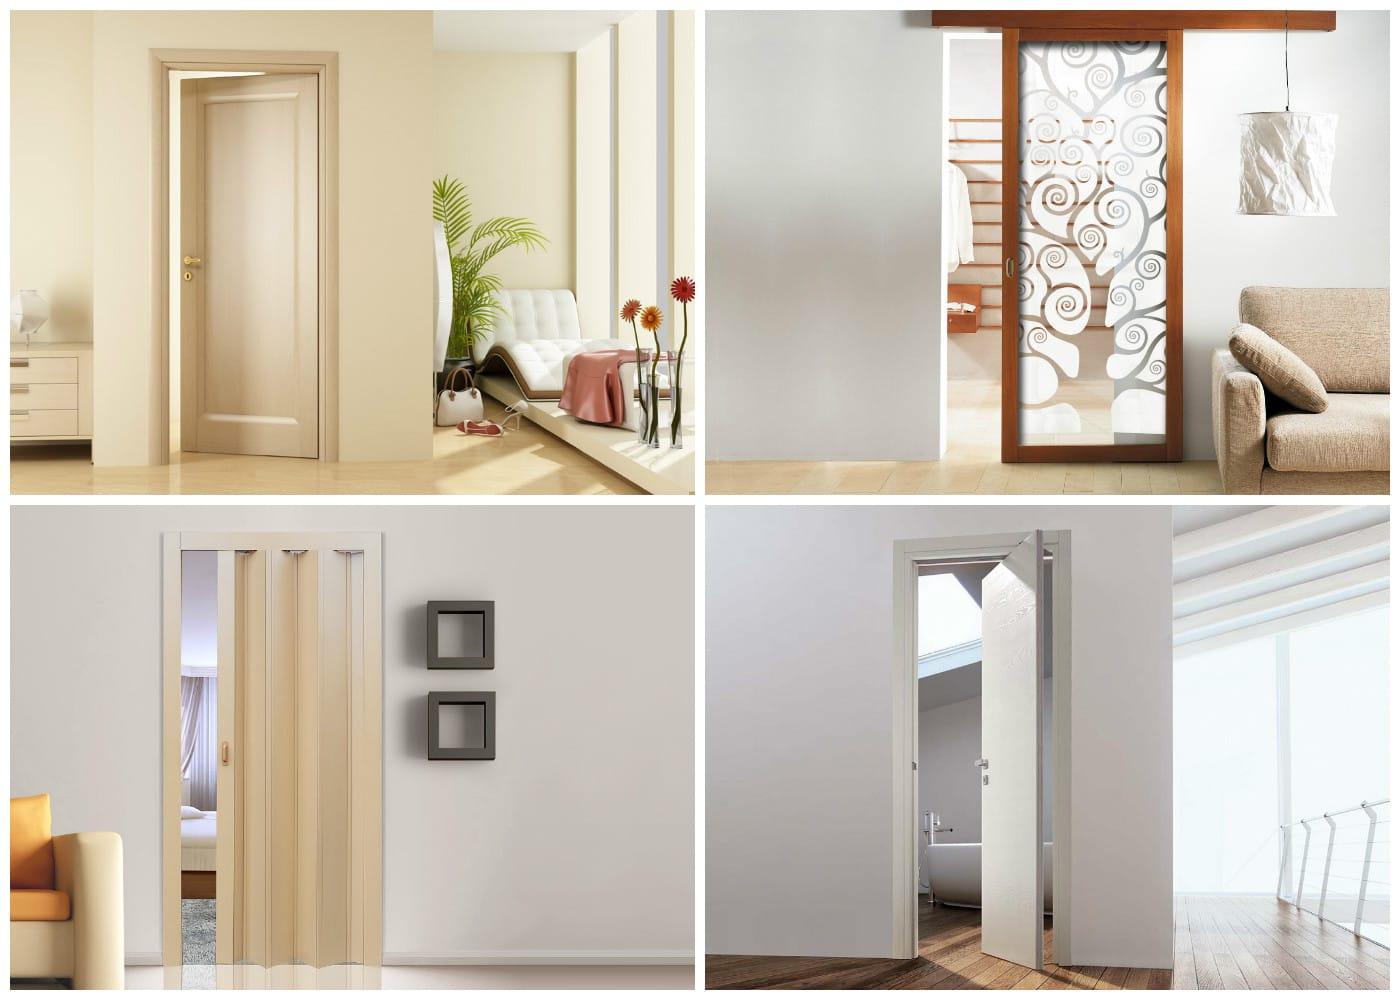 Рассмотрим существующие способы открывания дверей более подробно.